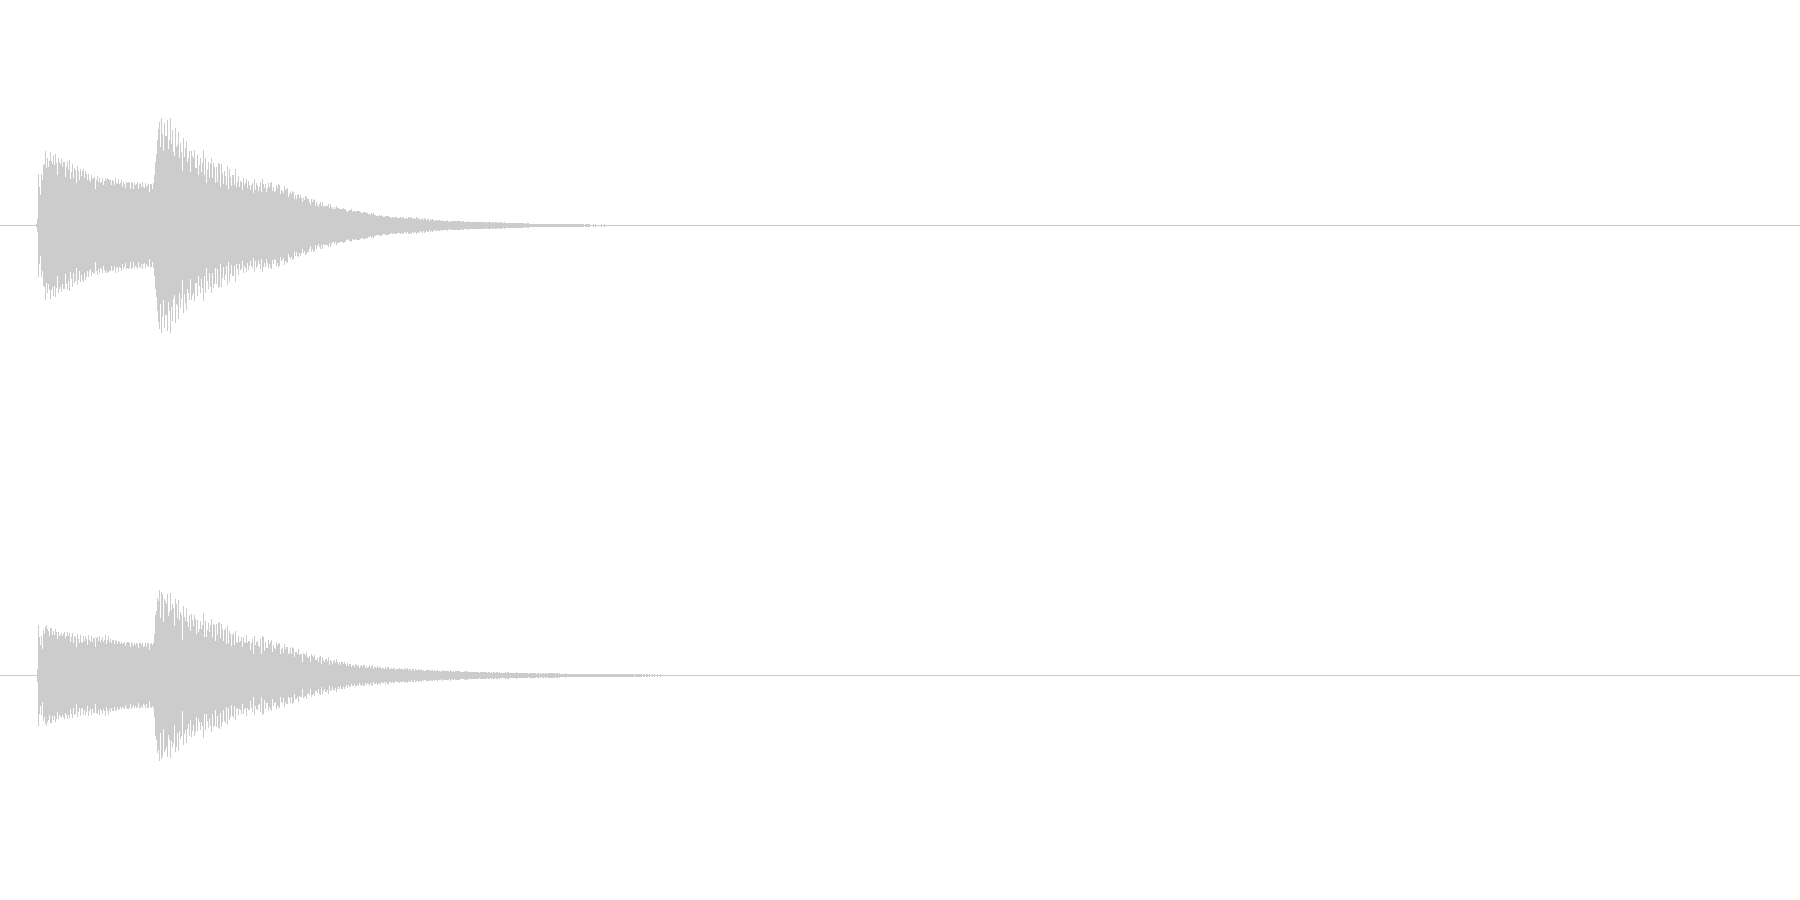 ピンポン!という鐘の正解音です。の未再生の波形